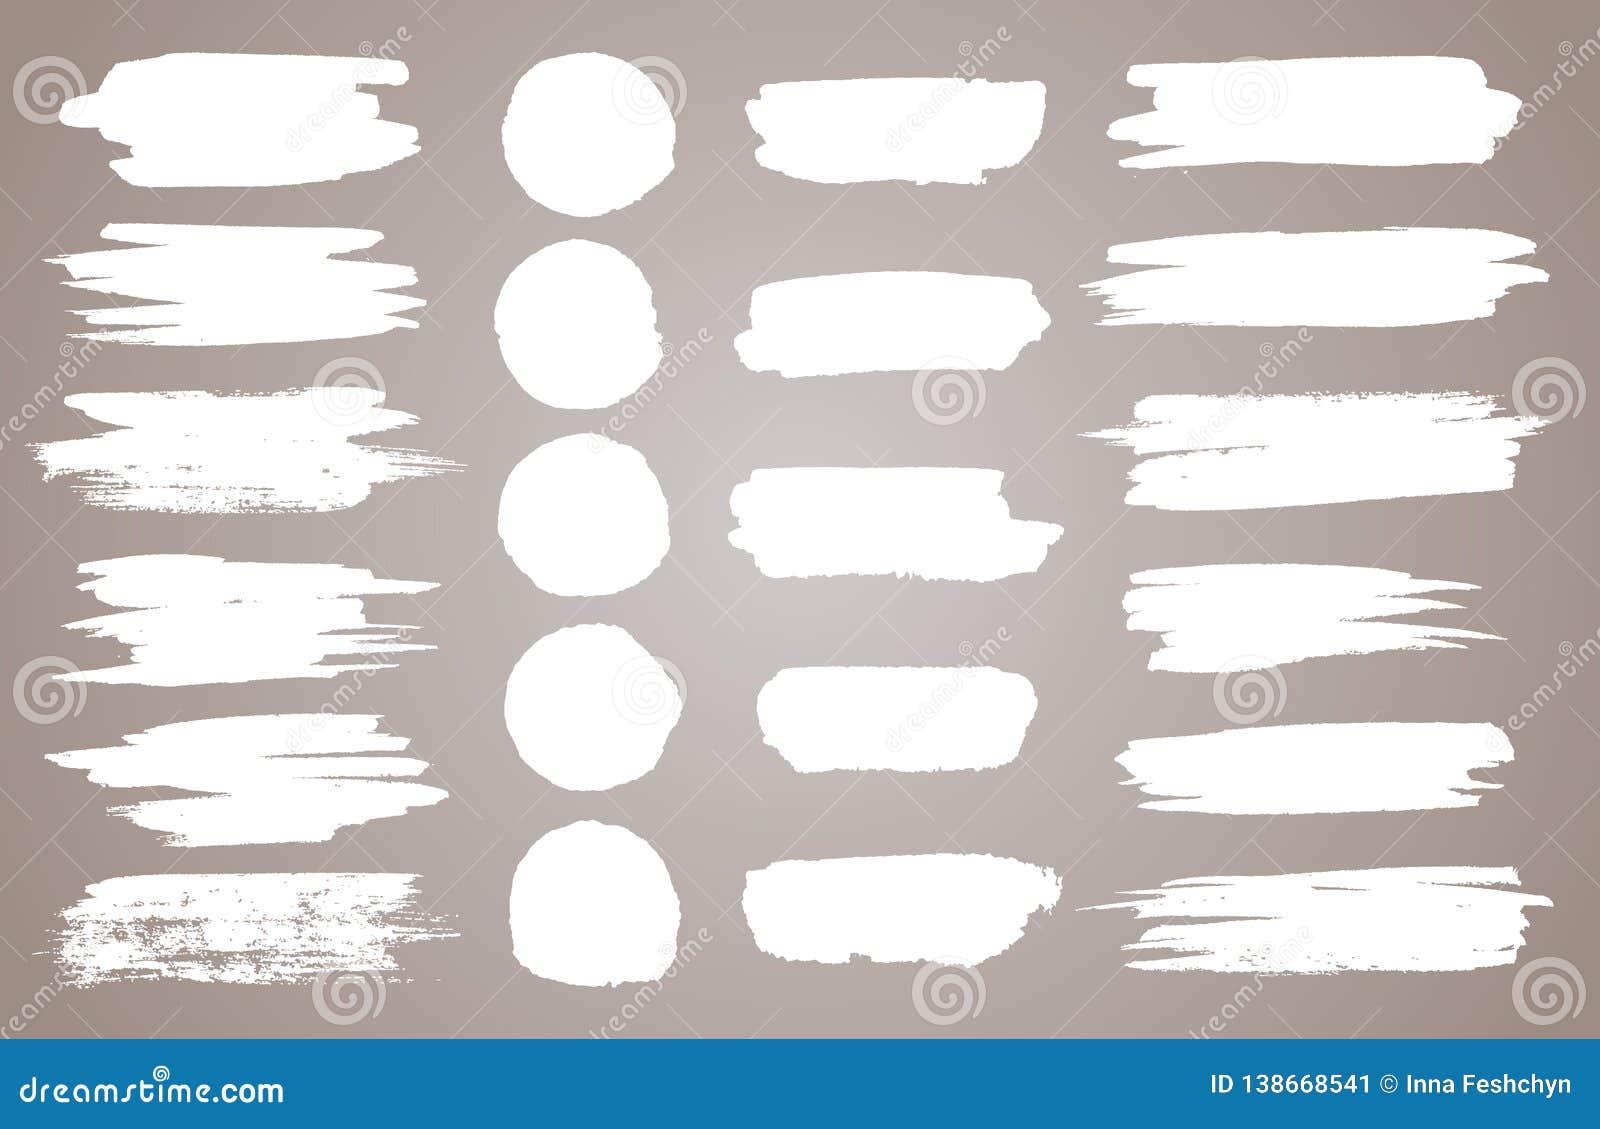 设置白色墨水传染媒介污点 传染媒介黑色油漆、墨水刷子冲程、刷子、线或者圆的纹理 肮脏艺术性